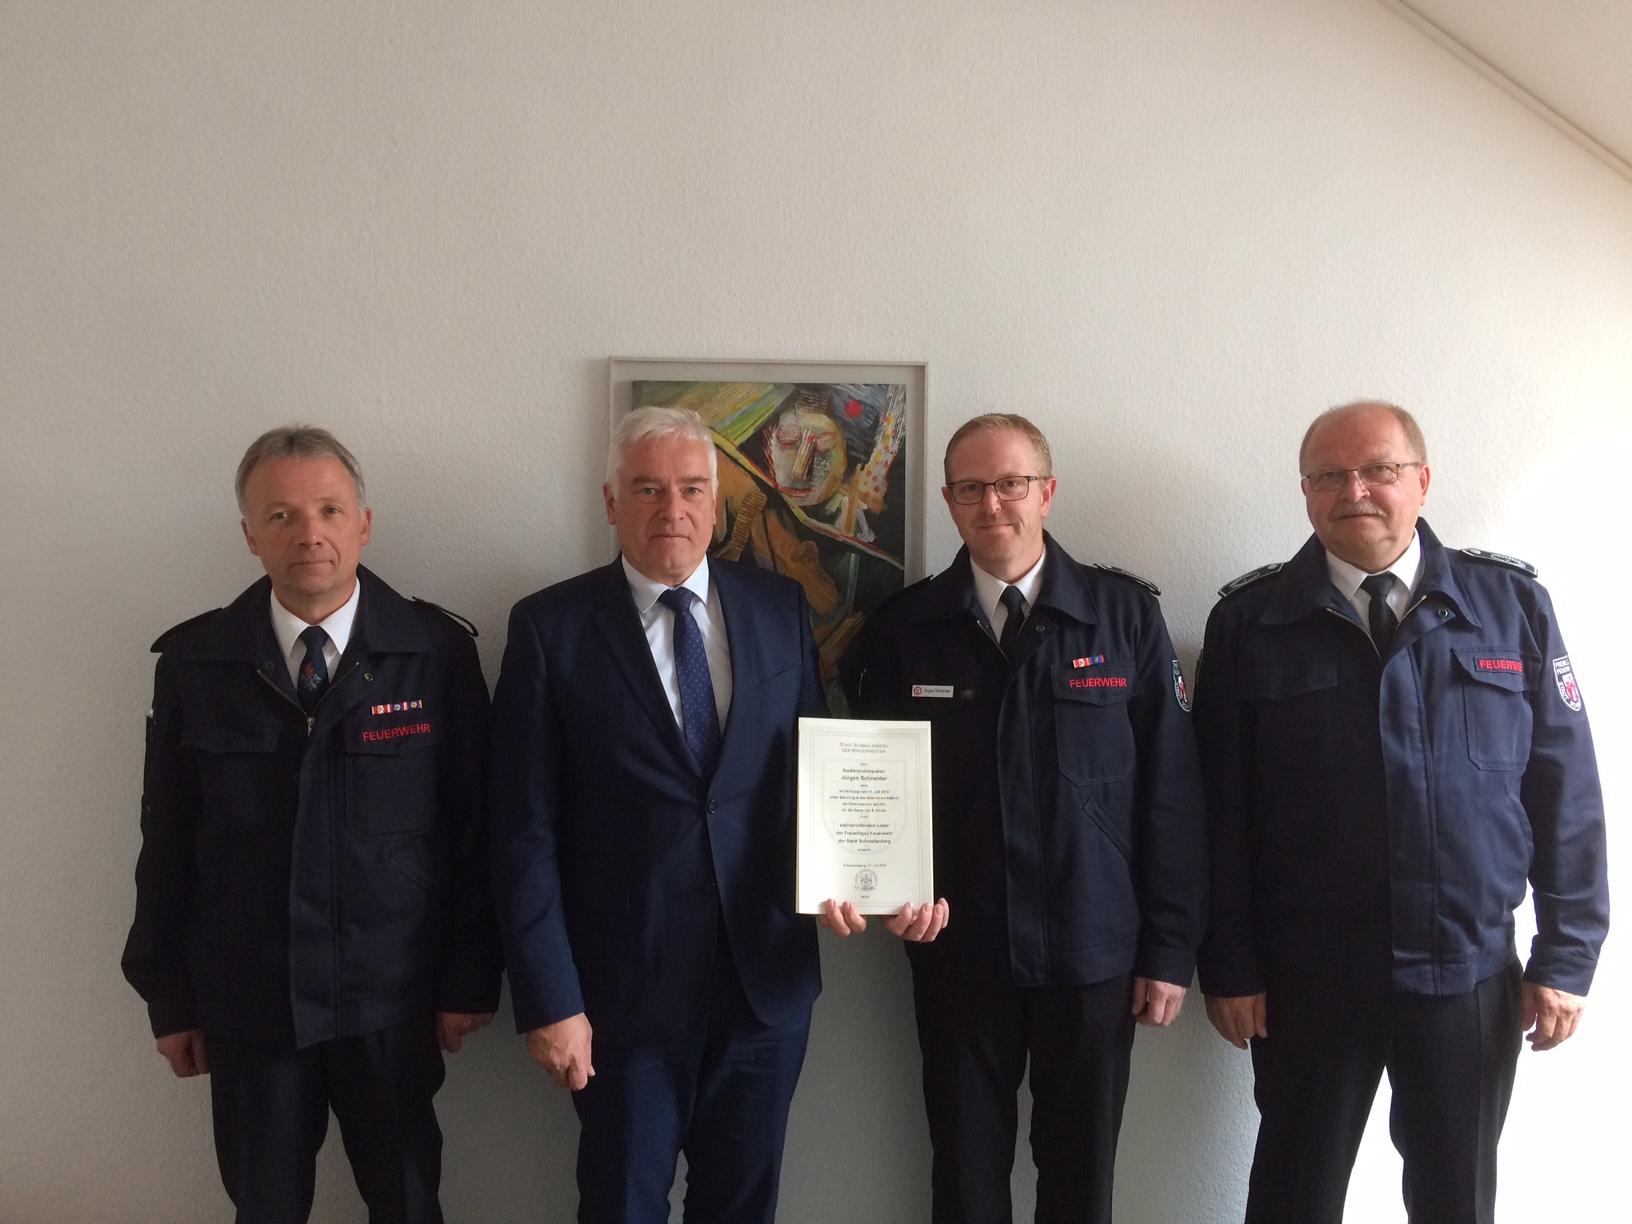 Bürgermeister Bernhard Halbe ernennt Jürgen Schneider zum Ehrenbeamten der Stadt